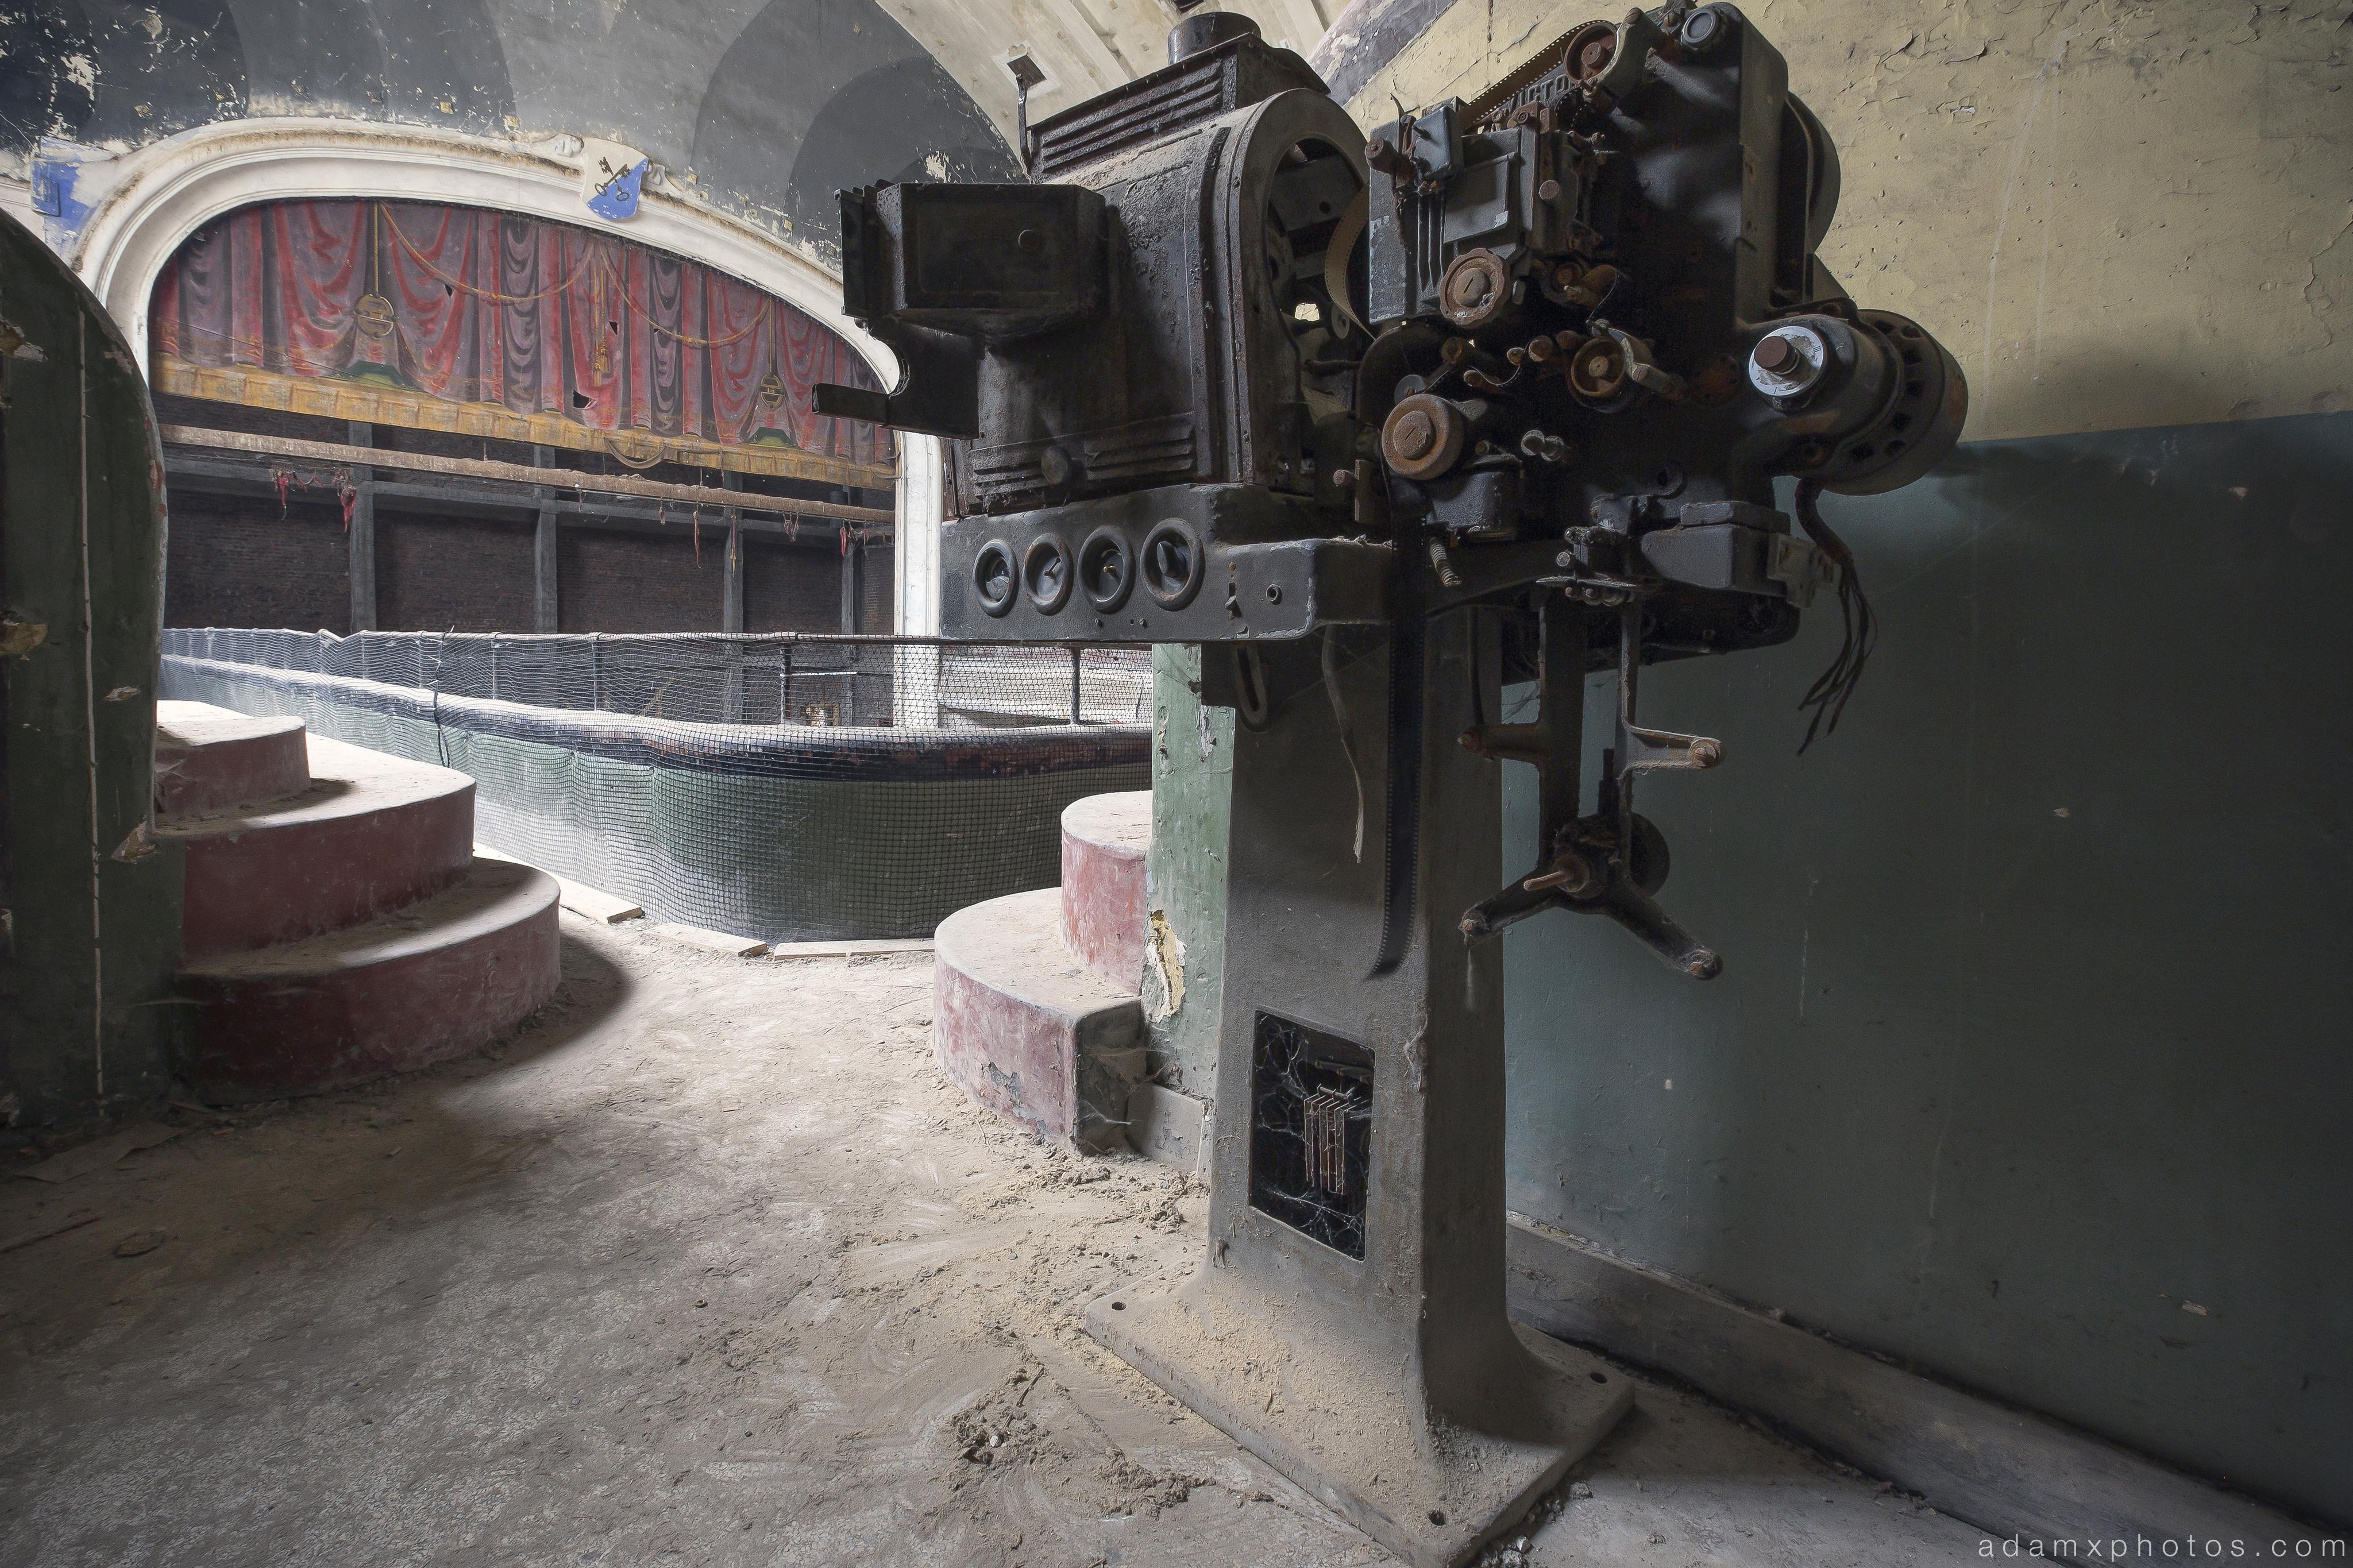 Old Projector Cinema Cine Theatre Varia Belgium Belgie Urbex Adam X Urban Exploration 2015 Abandoned decay lost forgotten derelict